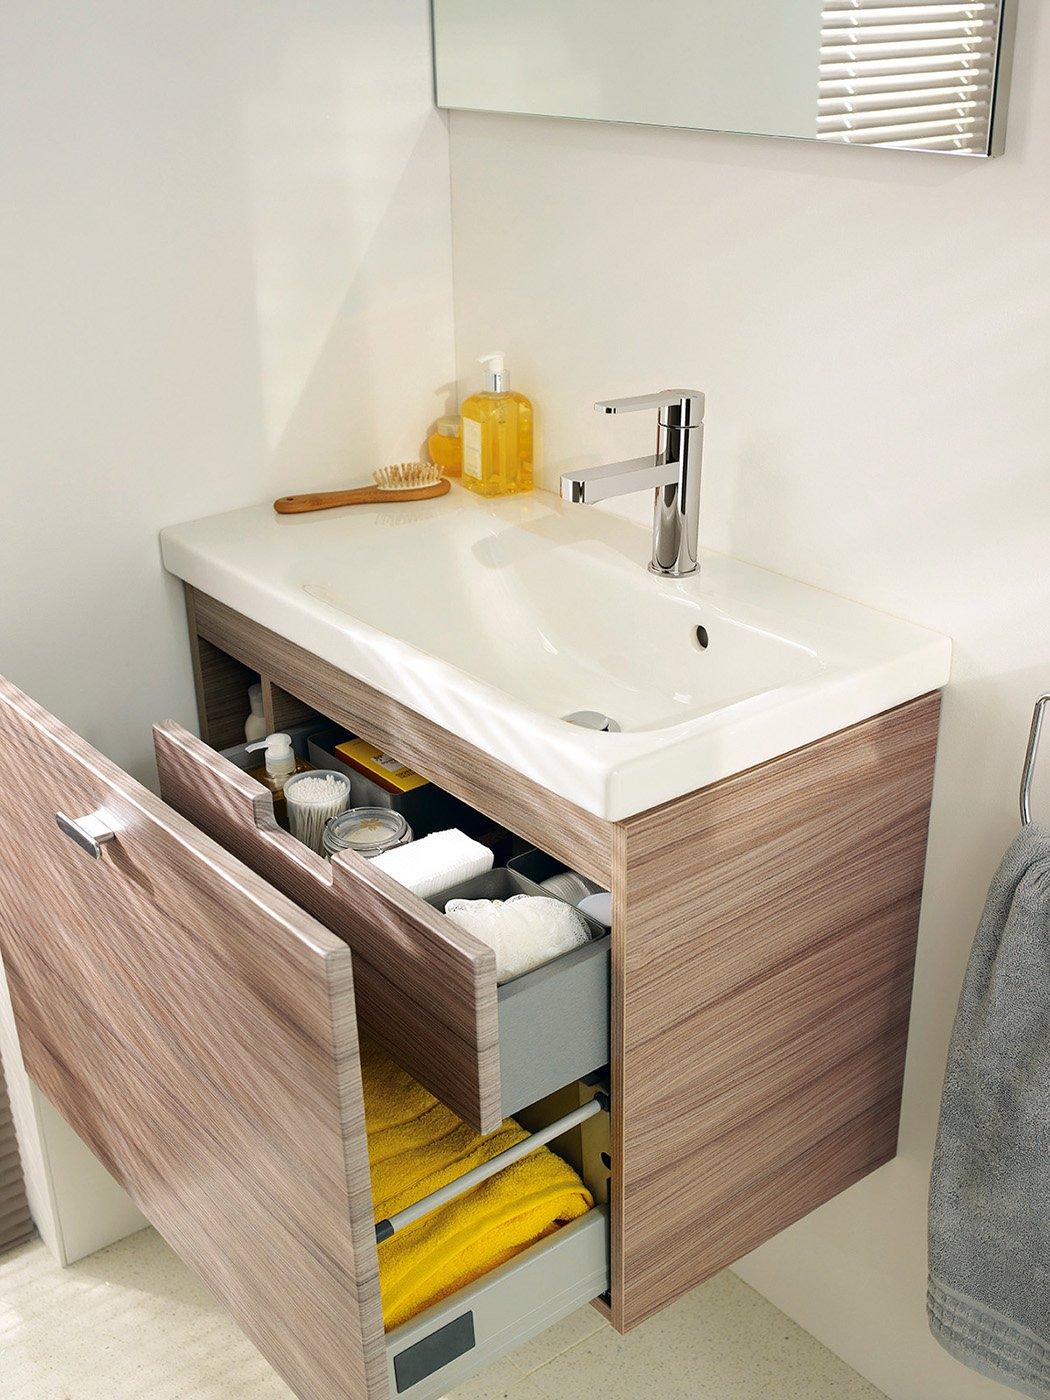 Connect space sanitari lavabi e mobili bagno salvaspazio - Mobile lavabo cucina ...